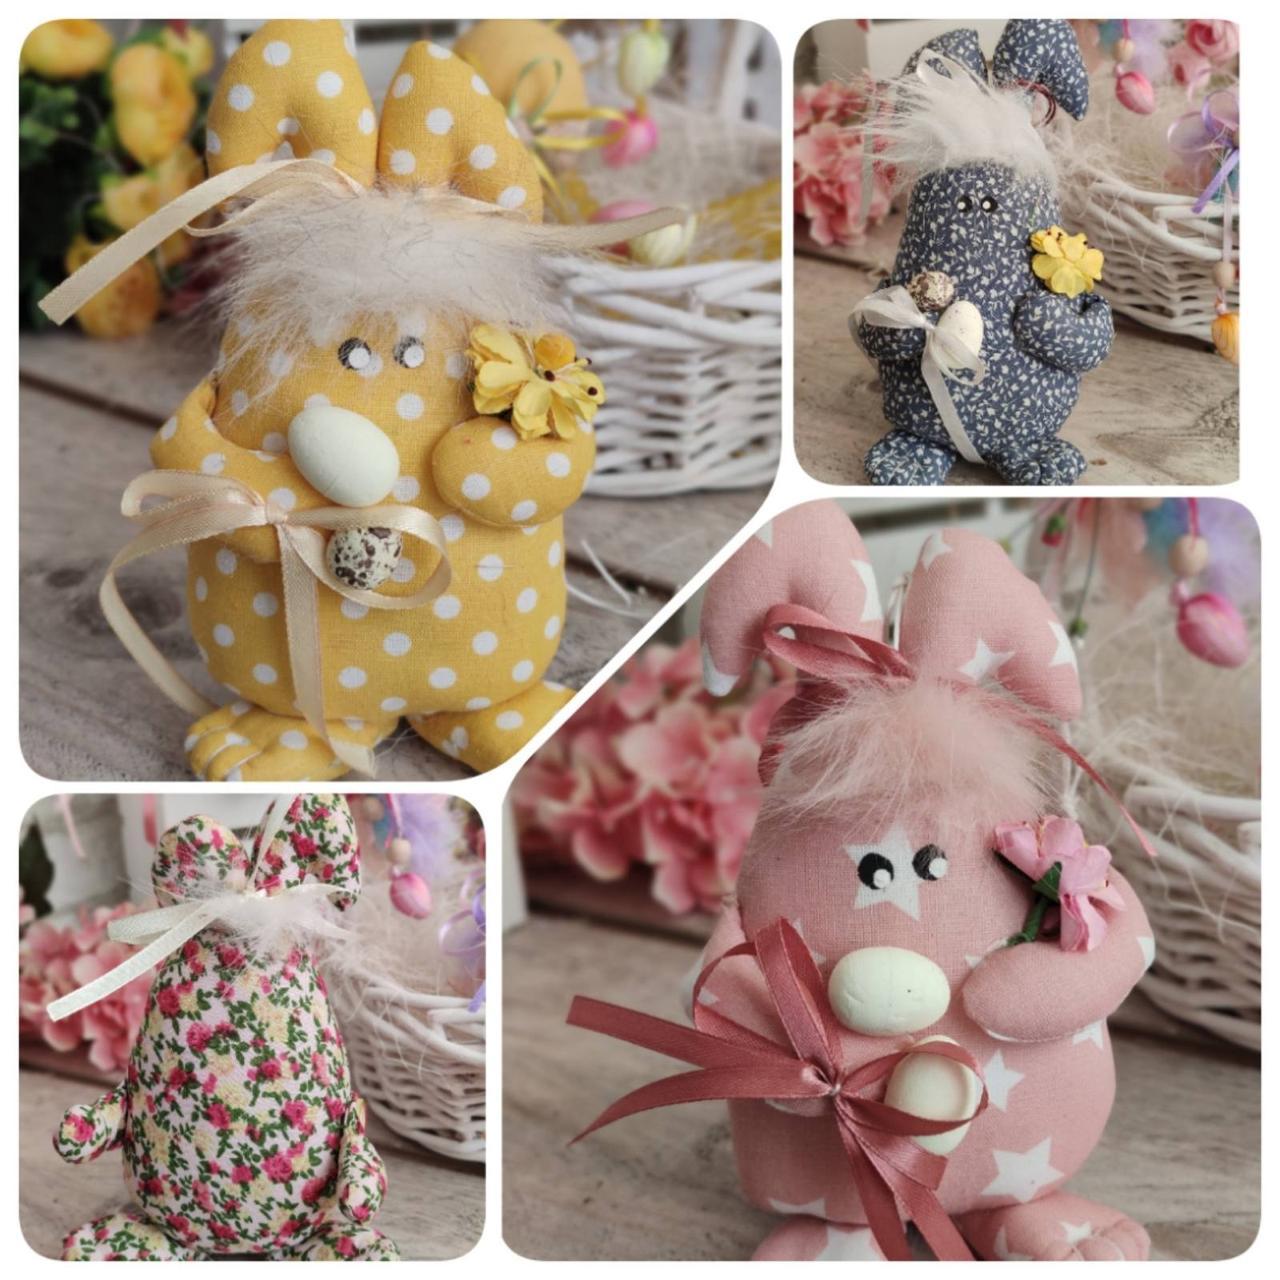 Яйцо пасхальное Кролик, Н-18-20 см, 125/95 грн,(за 1 шт + 30 грн) подвеска на корзину или заготовка для венка.